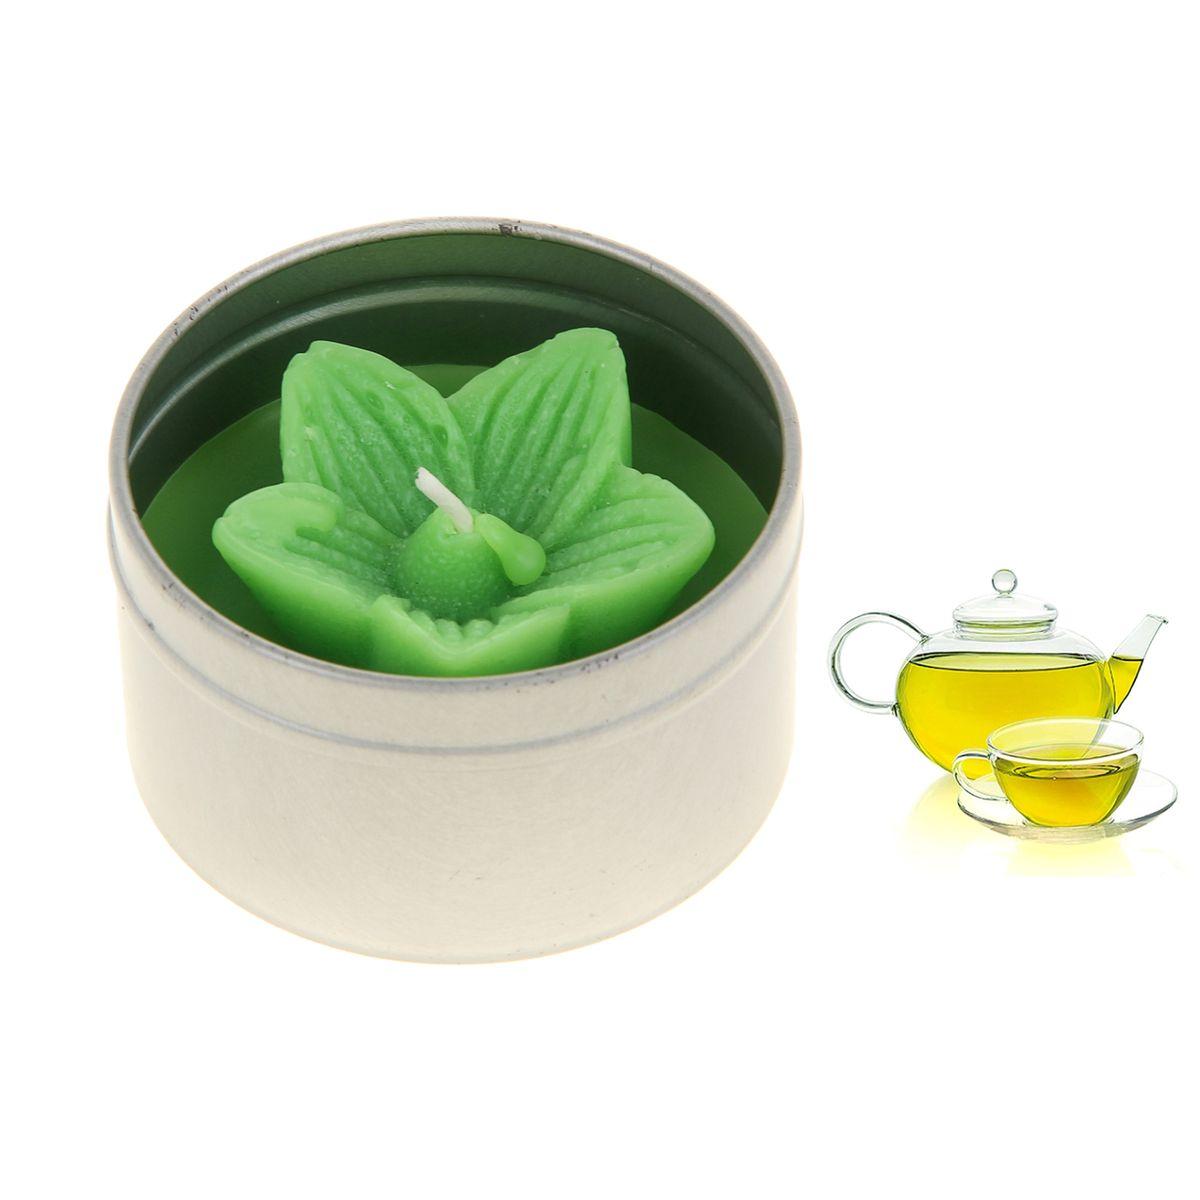 Свеча ароматизированная Sima-land Зеленый чай, высота 4 см853439Ароматизированная свеча Sima-land Зеленый чай, изготовленная из воска, поставляется в подсвечнике в виде металлической баночки с крышкой. Воск имеет форму цветка с фитилем по центру. Изделие отличается оригинальным дизайном и приятным ароматом. Такая свеча может стать отличным подарком или создаст незабываемую атмосферу праздника в вашем доме.